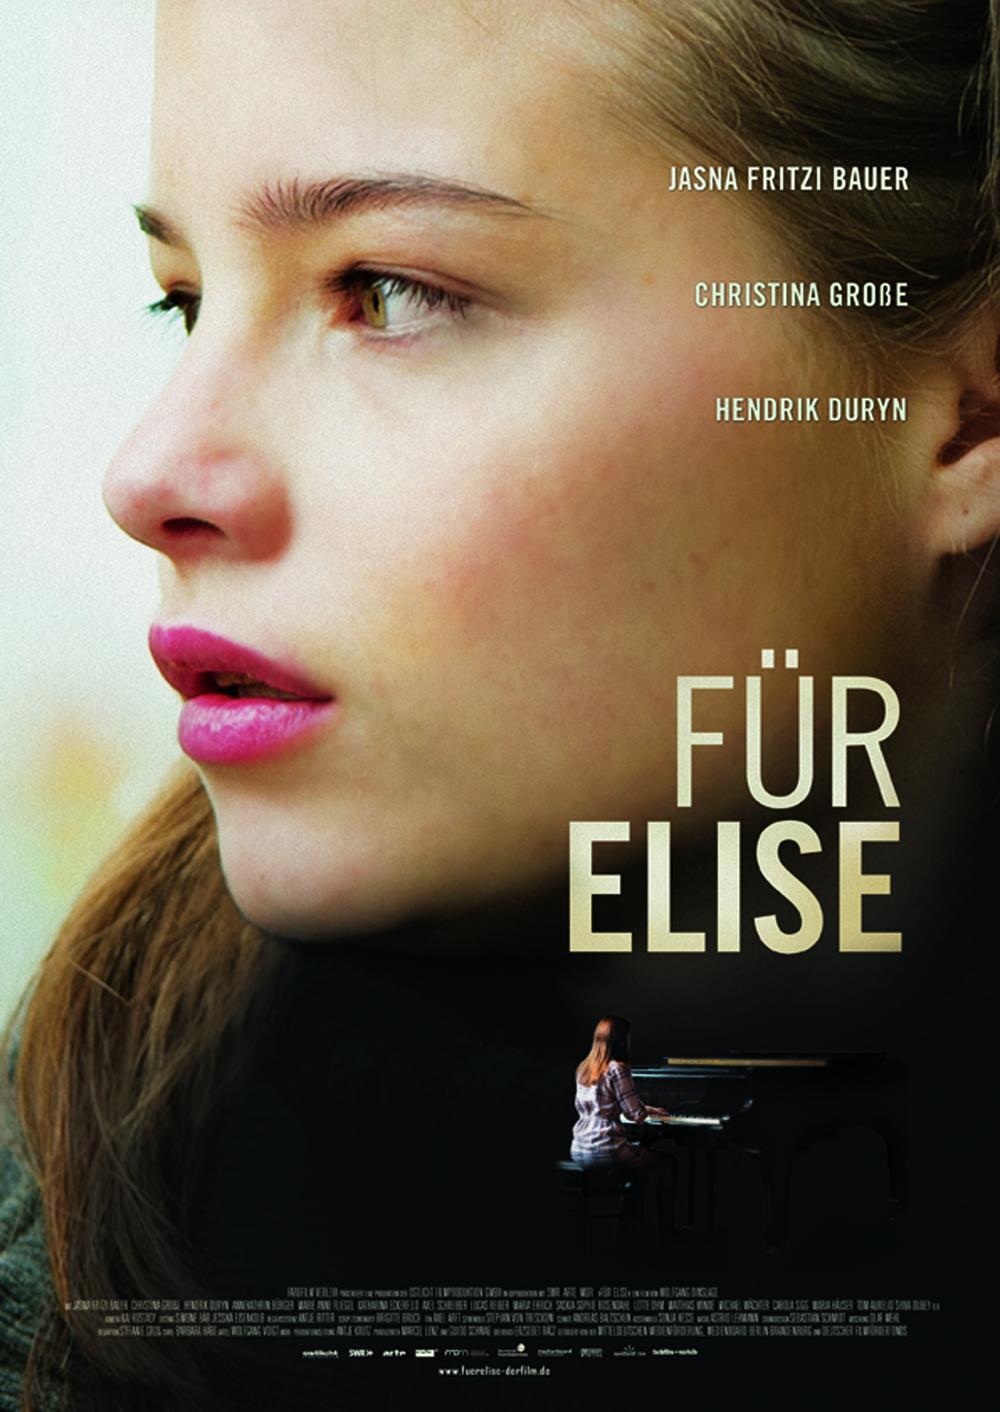 Claritta Kratochwil - FuerElise_ostlicht_filmproduktion.jpg